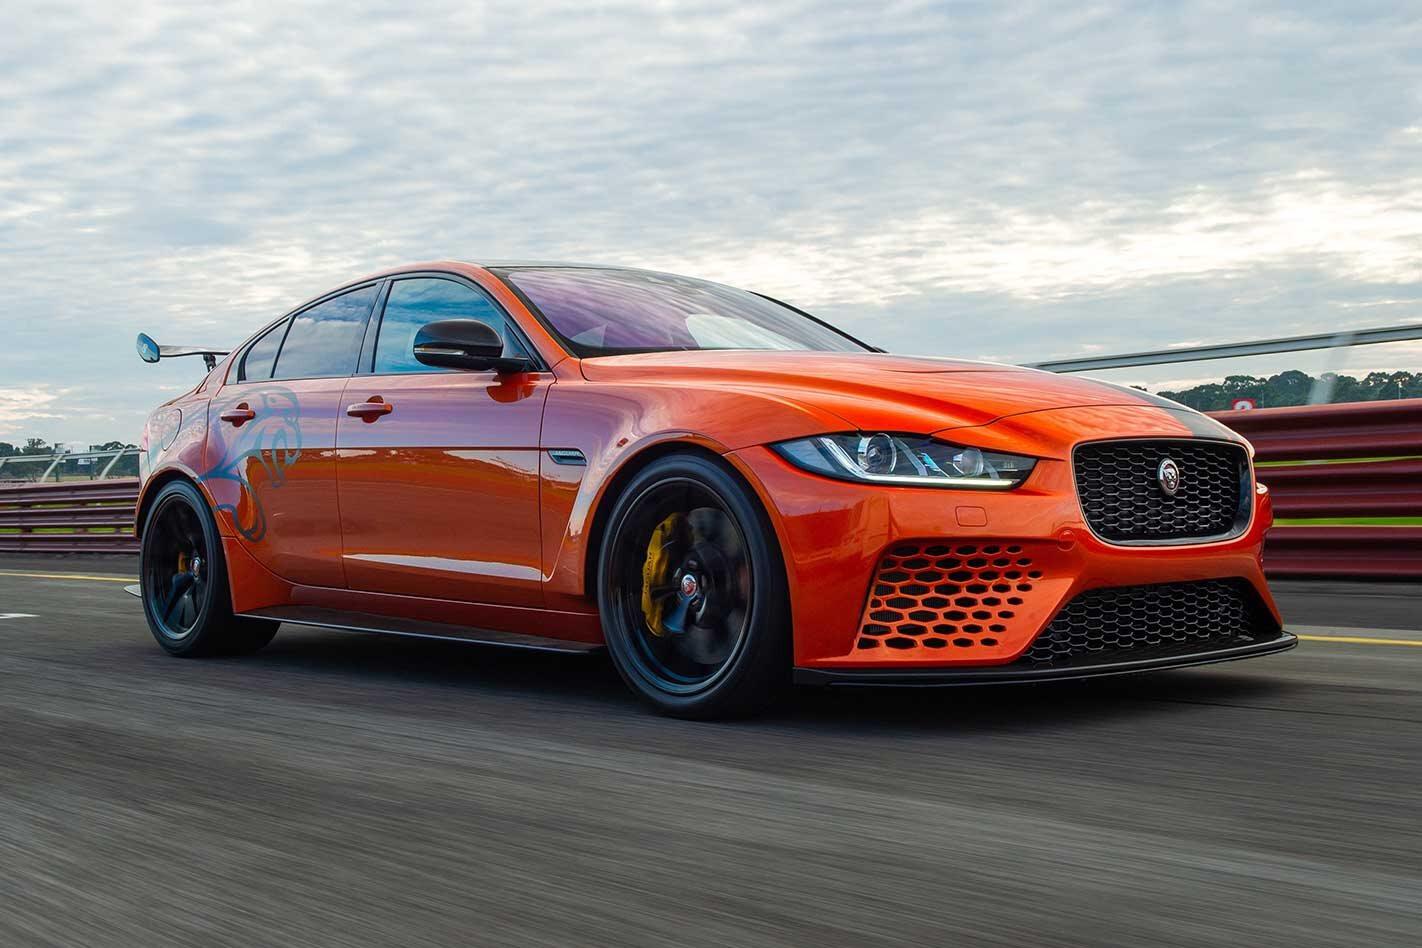 2019 Jaguar XE SV Project 8 performance review